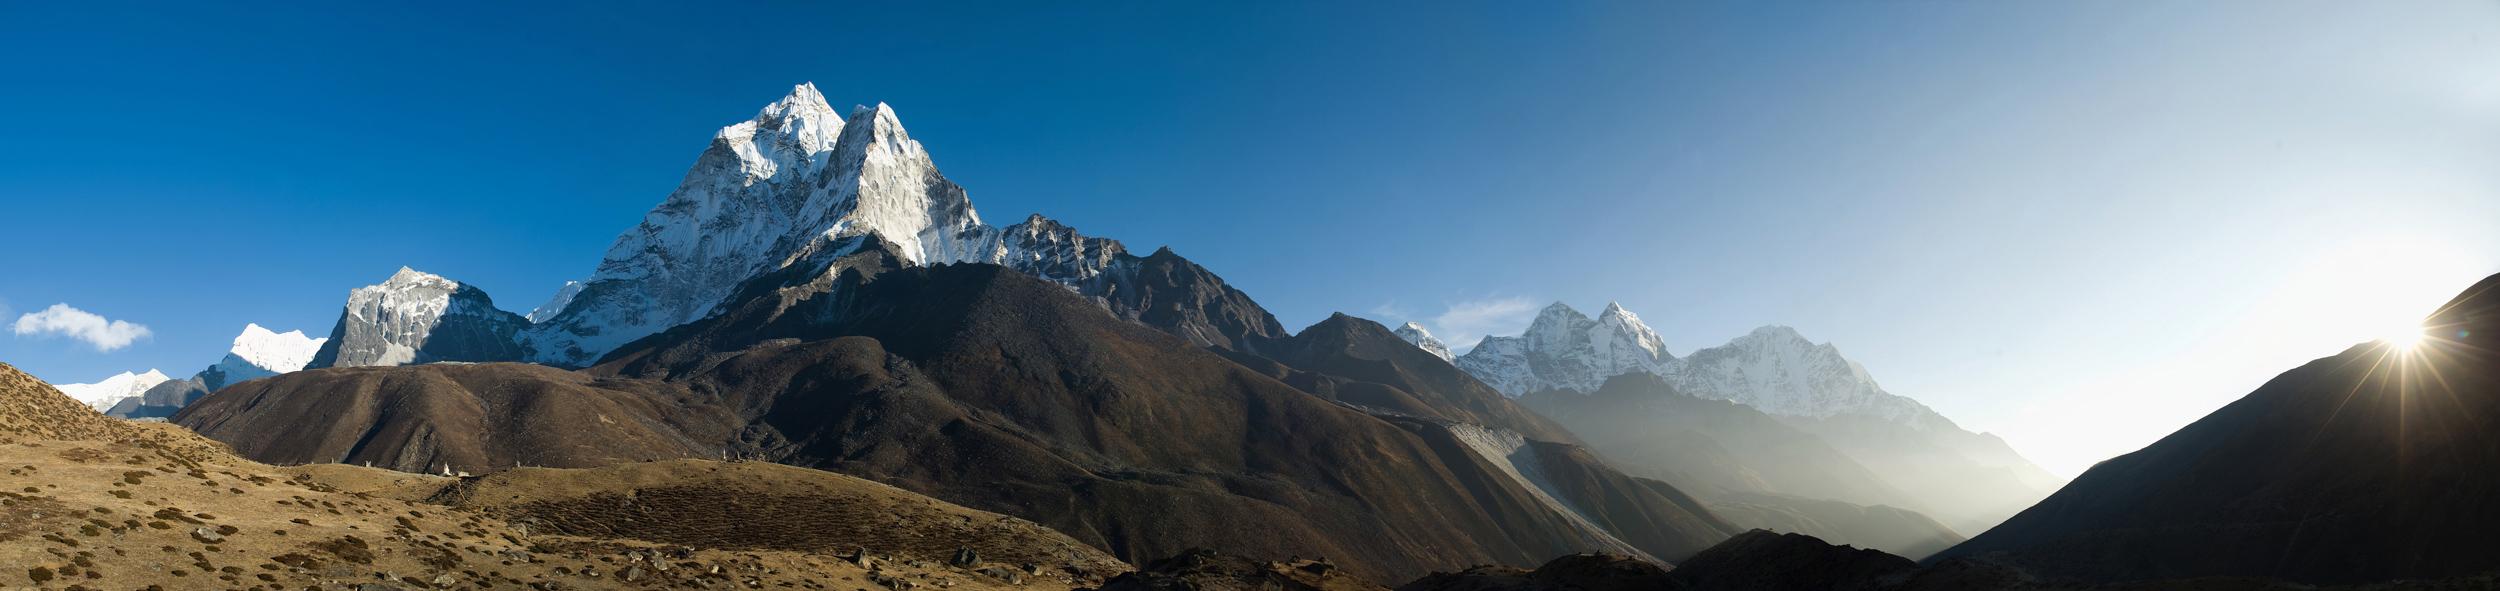 Ama Dablam in the Everest region